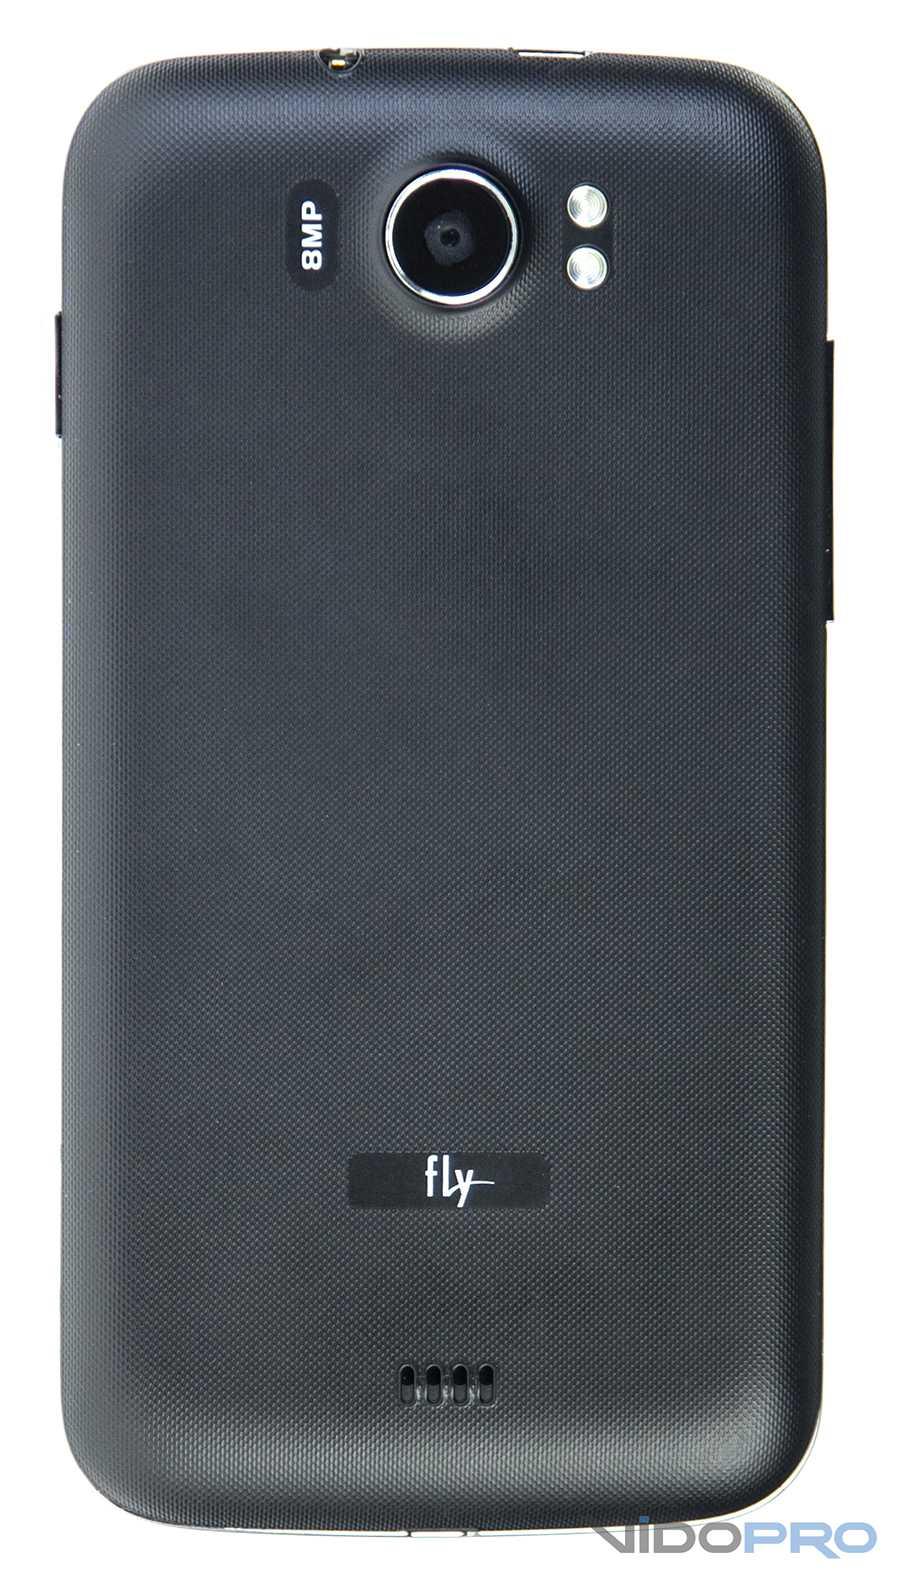 Смартфон fly iq450 horizon купить по акционной цене , отзывы и обзоры.